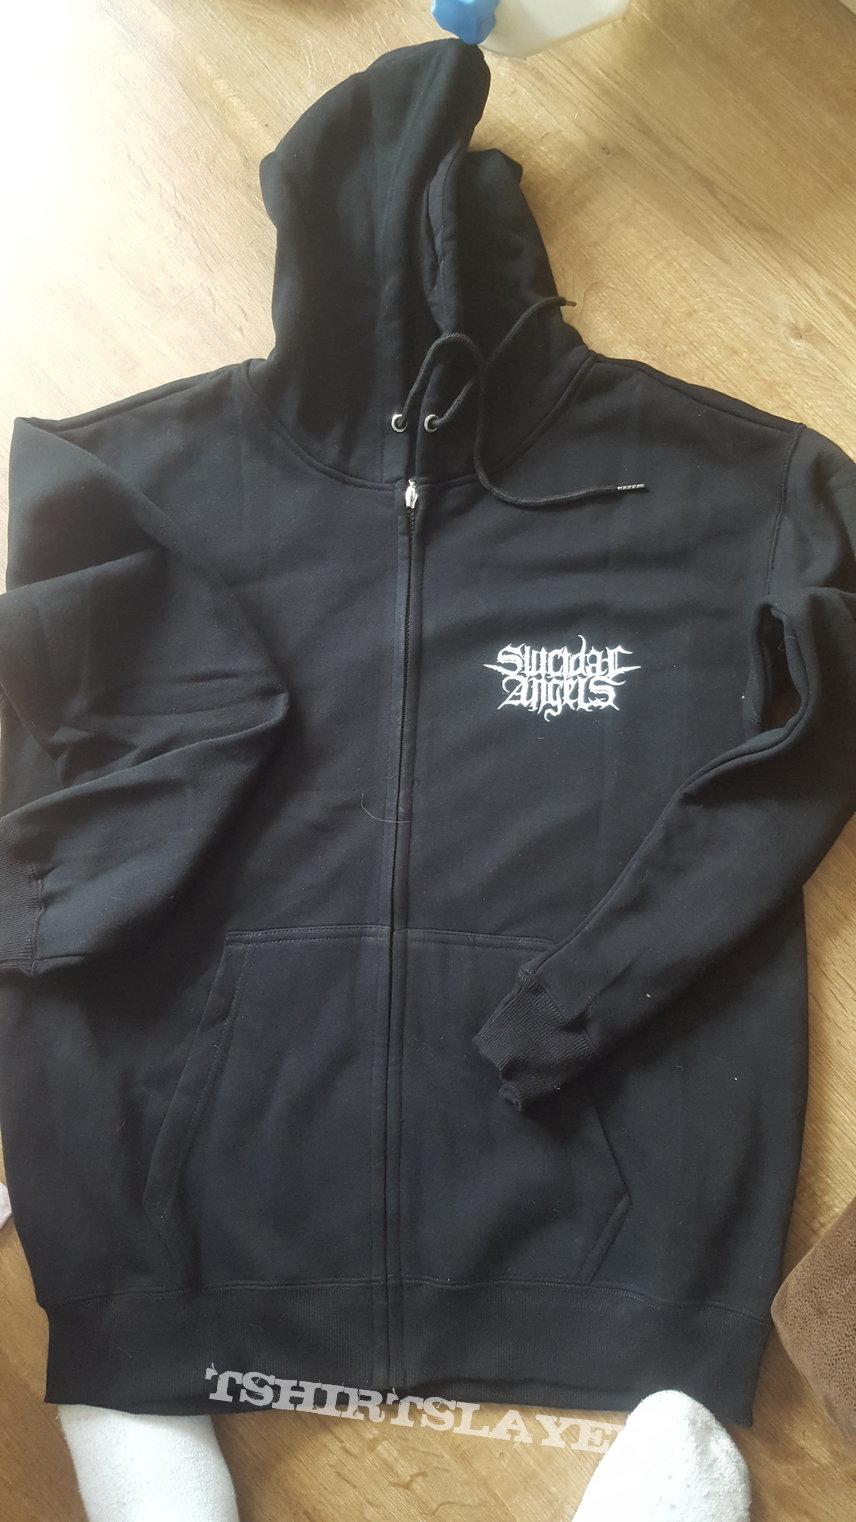 Suicidal angels hoodie